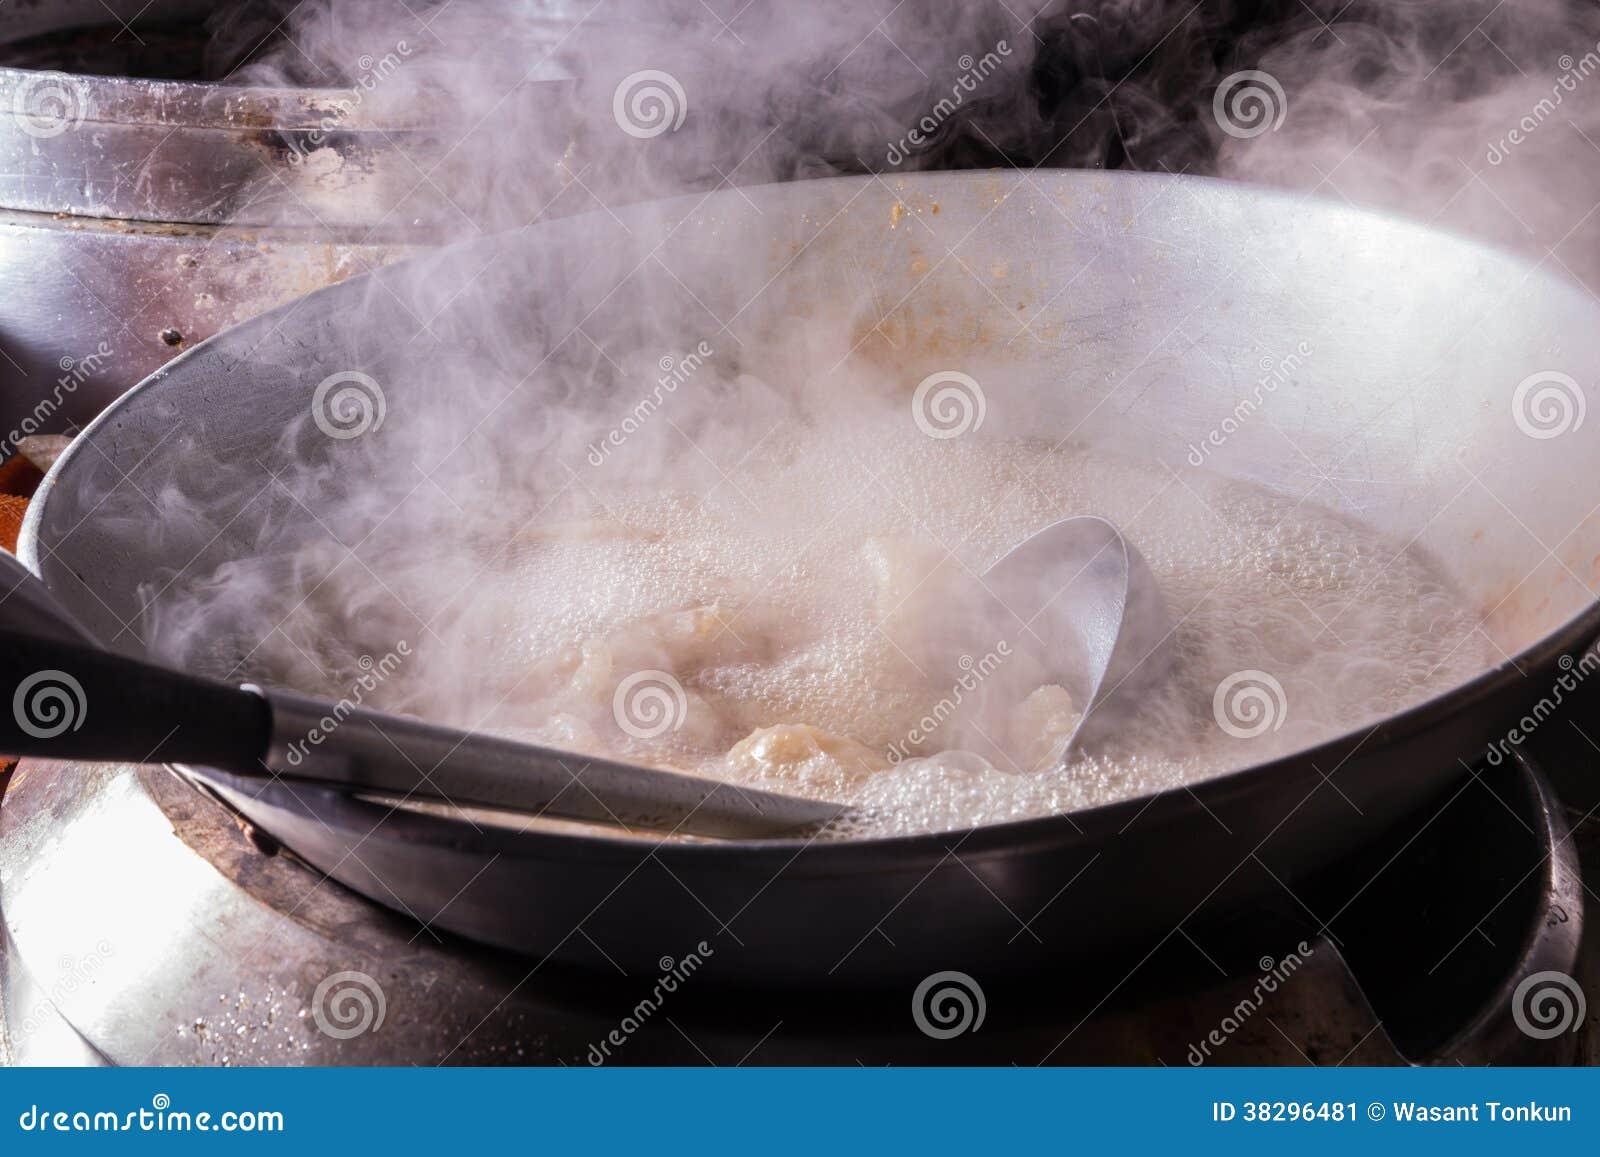 Het koken water het koken stock afbeelding afbeelding bestaande uit hitte 38296481 - Koken afbeelding ...